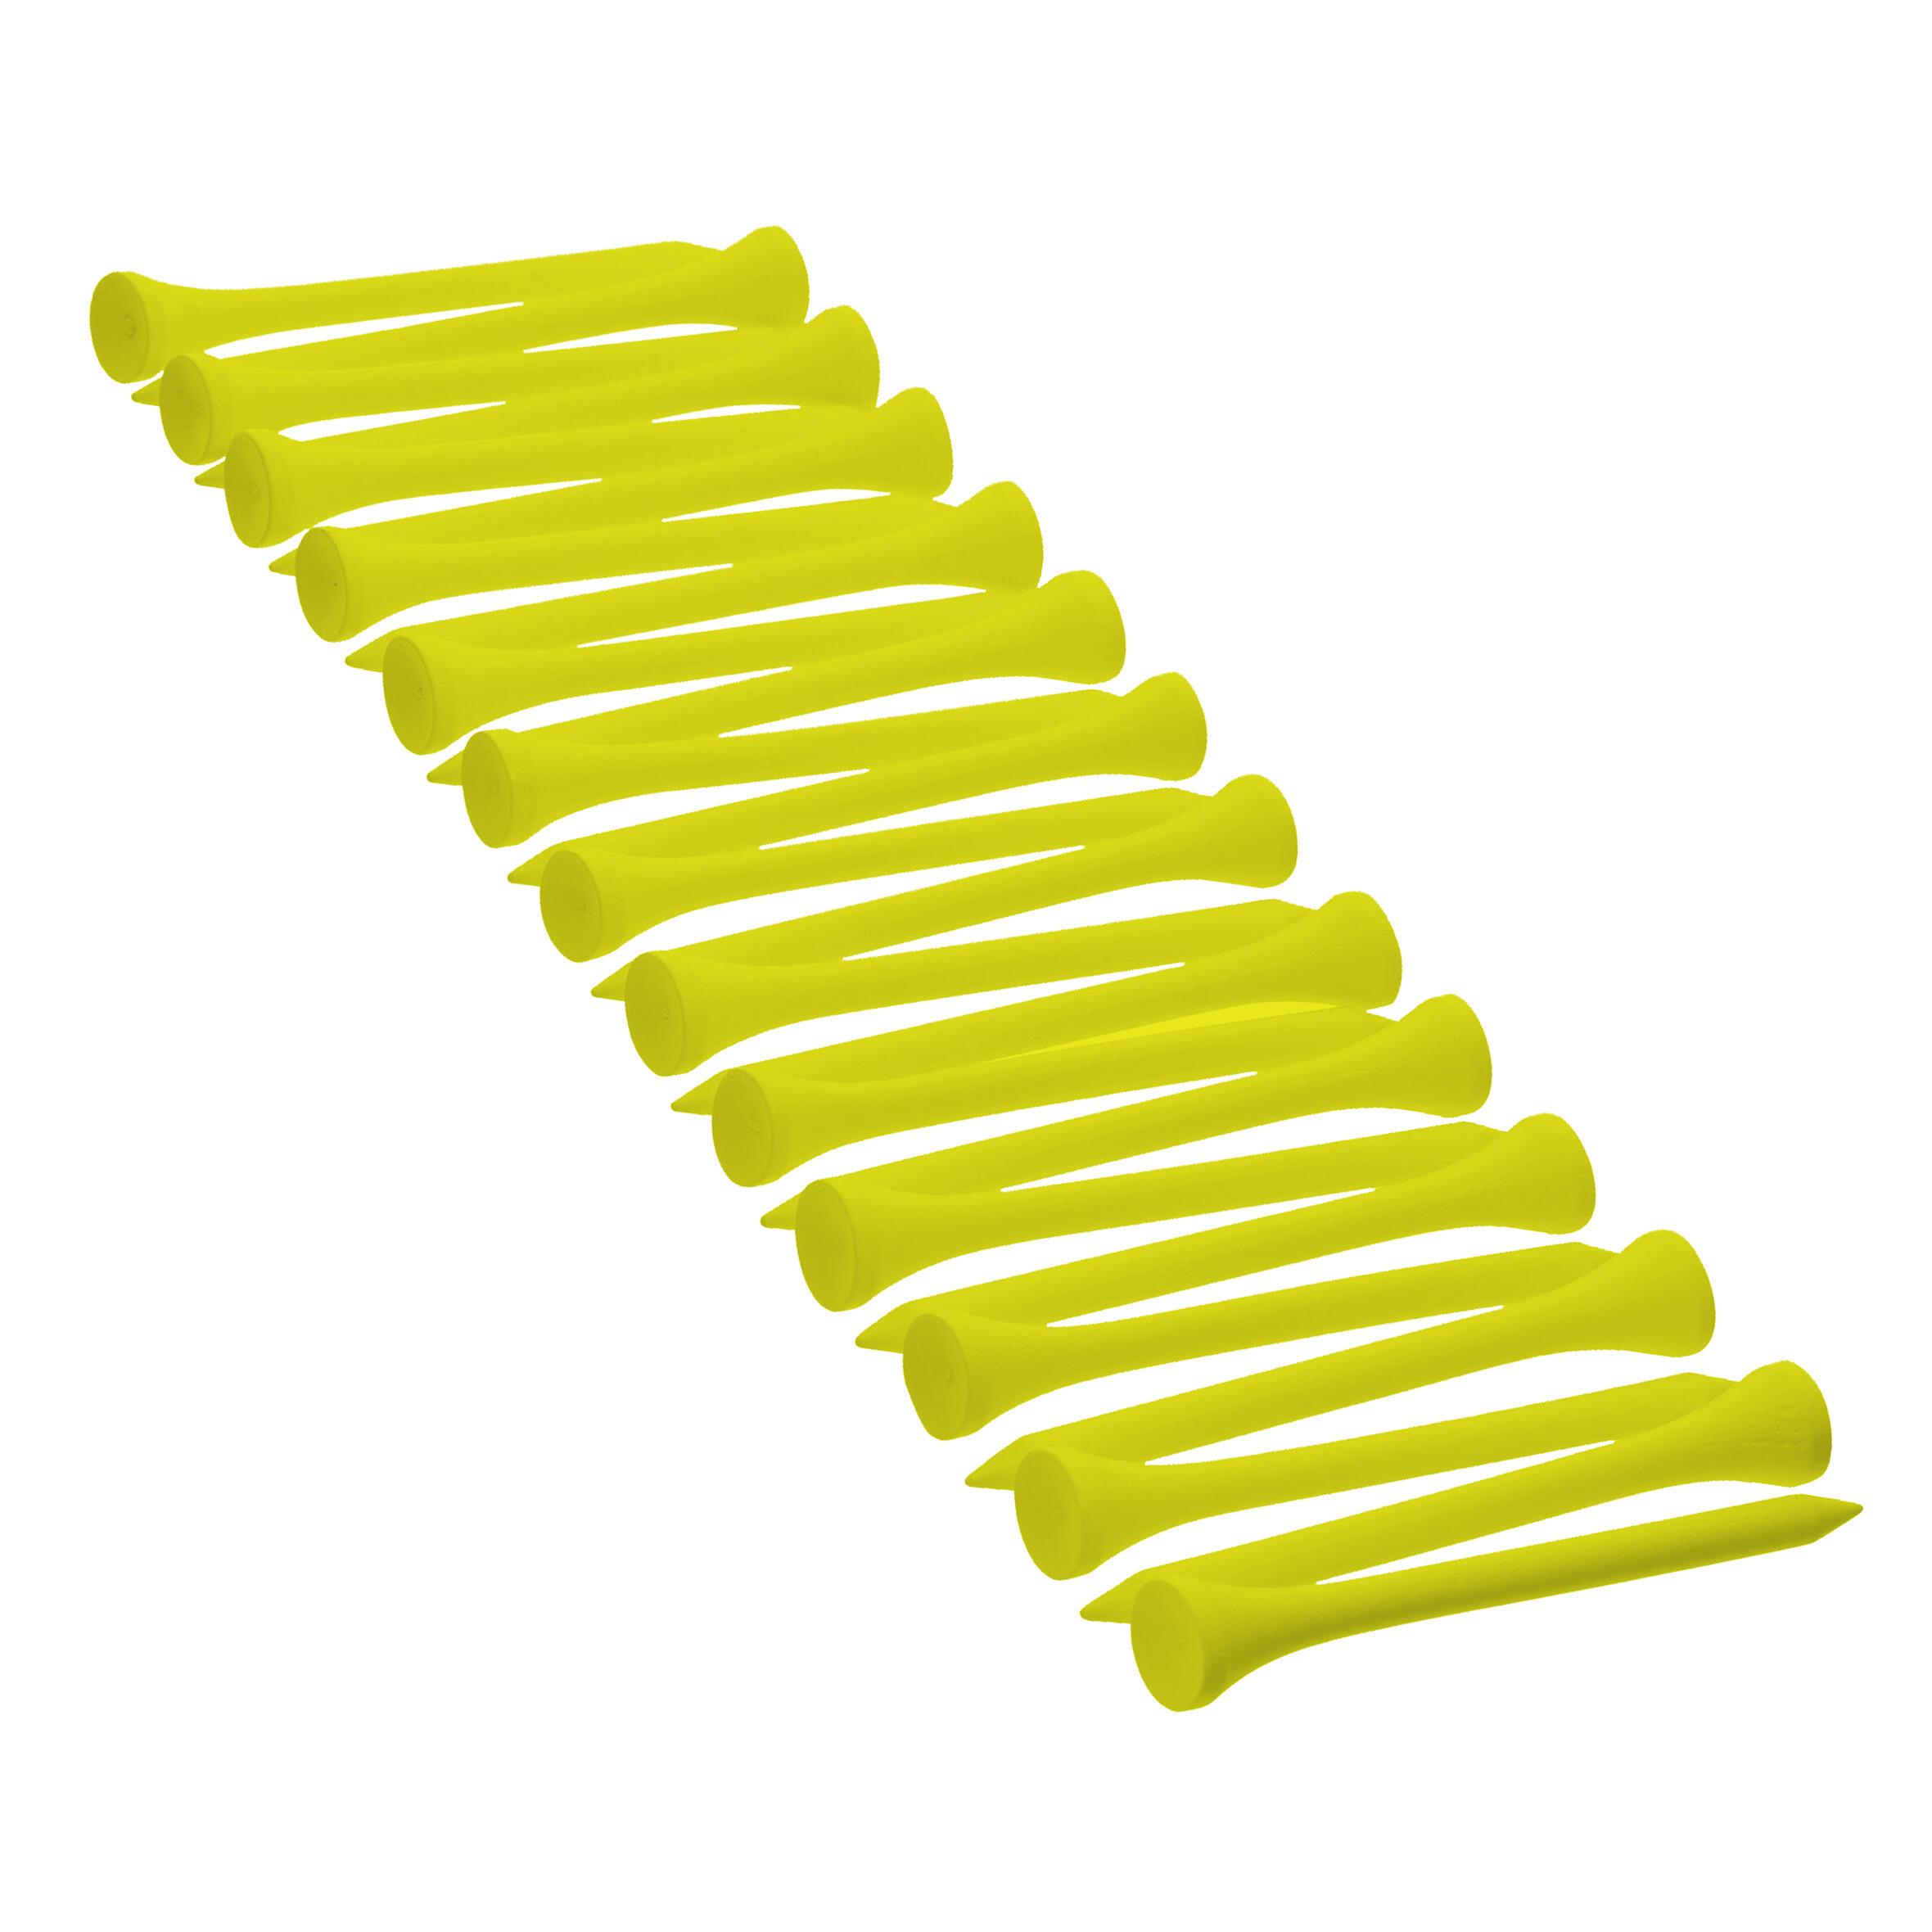 Tee Kayu 69 mm x 25 - Kuning